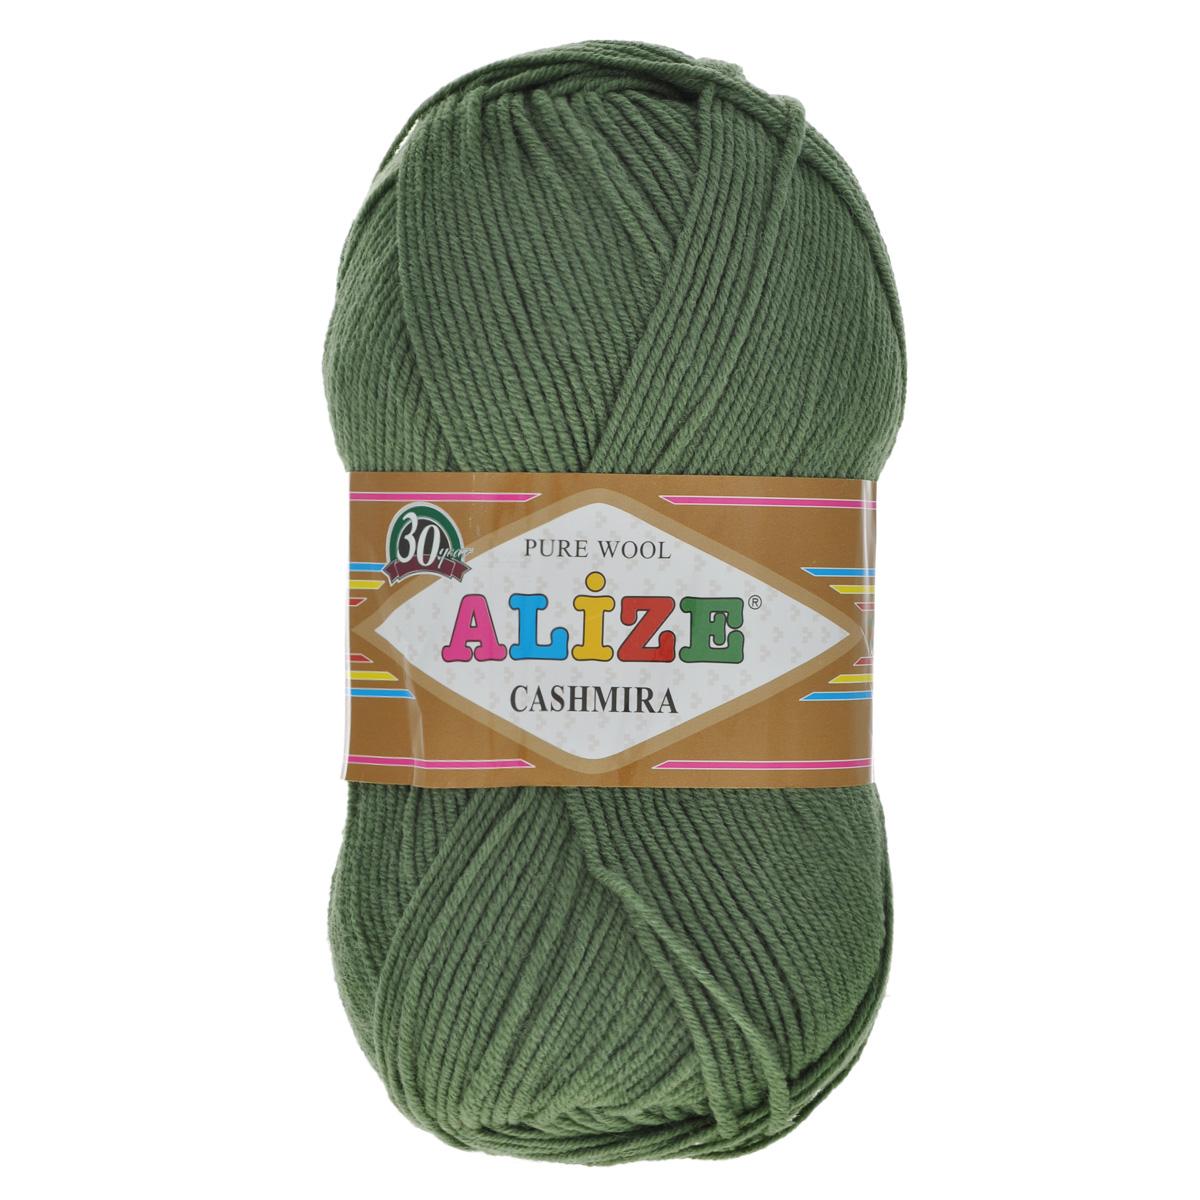 Пряжа для вязания Alize Cashmira, цвет: темно-зеленый (35), 300 м, 100 г, 5 шт364009_35Пряжа для вязания Alize Cashmira изготовлена из 100% шерсти. Пряжа упругая, эластичная, тёплая, уютная и не колется, что очень подходит для детей. Тоненькая нитка прекрасно подойдет для вязки демисезонных вещей. Пряжа легко распускается и перевязывается несколько раз, не деформируясь и не влияя на вид изделия. Натуральная шерстяная нить, обеспечивает изделию прекрасную форму. Рекомендуется ручная стирка при температуре 30 °C. Рекомендованные спицы № 3-5, крючок № 2-4.